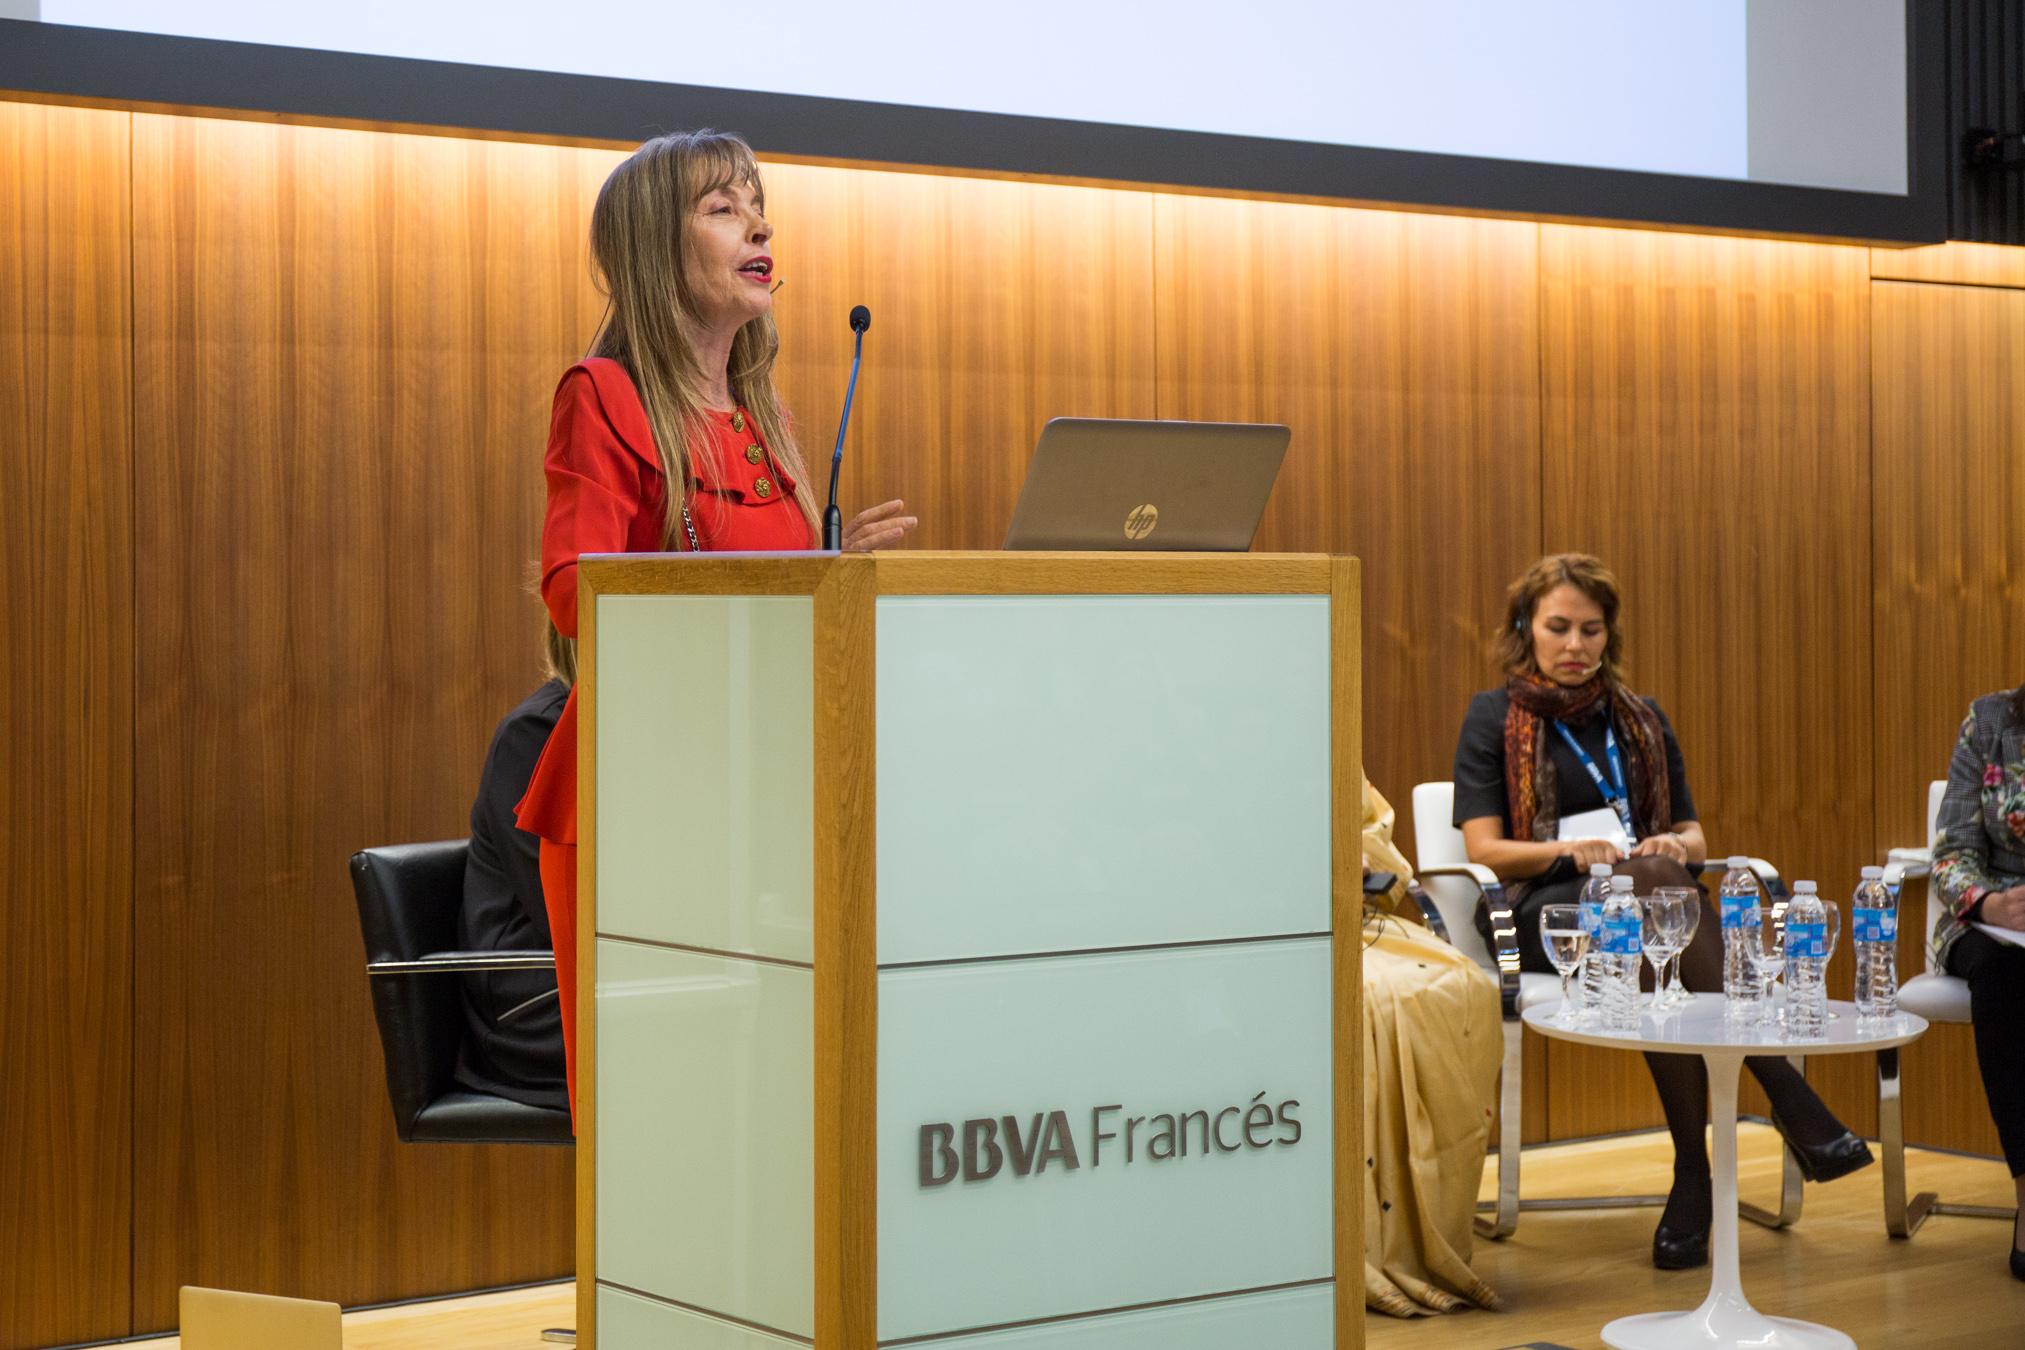 Beatriz Nofal, Miembro del Consejo Argentino para la Relaciones Institucionales (CARI)